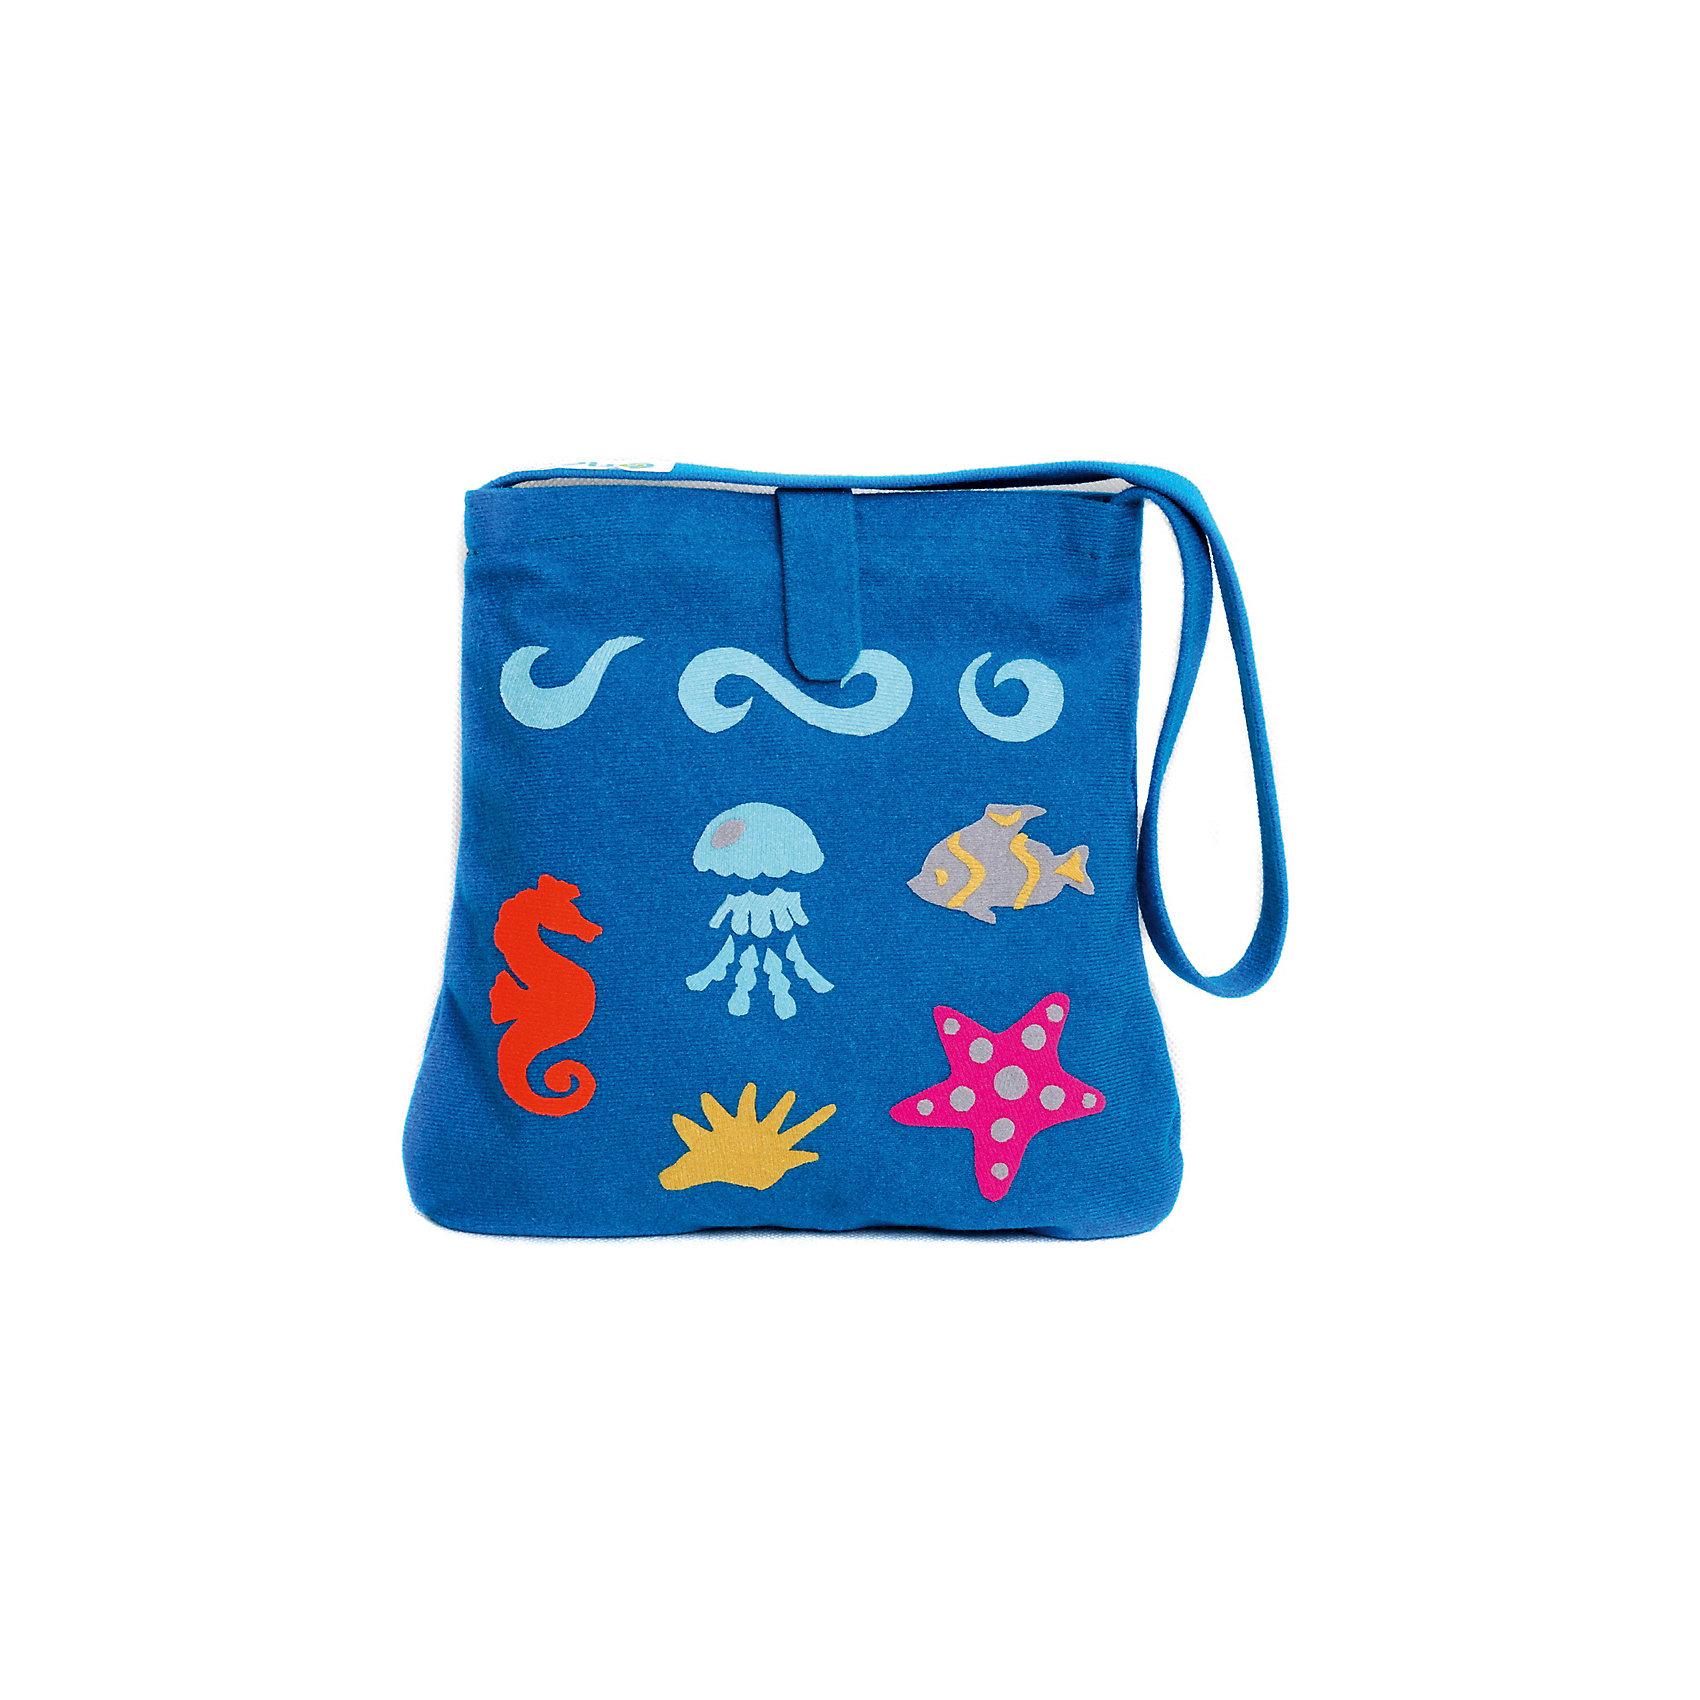 Стигис-аппликация Сумка детская, морскаяЕсли девочка давно мечтает о красивой сумке с оригинальной аппликацией, то ей обязательно понравится набор для стигис-аппликации на сумке. Ребенок сможет самостоятельно придумать дизайн и воссоздать его на сумочке при помощи ткани с термоклеевым слоем. Достаточно вырезать нужные элементы, выложить их на сумку и прогладить утюгом - красивая и практичная сумочка готова! В случае ошибки ткань можно снова прогладить утюгом, и она отклеится. Такой вид детского творчество хорошо развивает аккуратность, воображение и дизайнерские способности. Отличный подарок для юных рукодельниц!<br><br>Дополнительная информация: <br>В комплекте: сумка, кусочки stigis-ткани, выкройки, инструкция<br>Цвет: синий<br>Размер: 3,5х27х20 см<br>Вес: 110 грамм<br>Набор для стигис-аппликации можно купить в нашем интернет-магазине.<br><br>Ширина мм: 200<br>Глубина мм: 270<br>Высота мм: 35<br>Вес г: 110<br>Возраст от месяцев: 60<br>Возраст до месяцев: 120<br>Пол: Унисекс<br>Возраст: Детский<br>SKU: 4939424